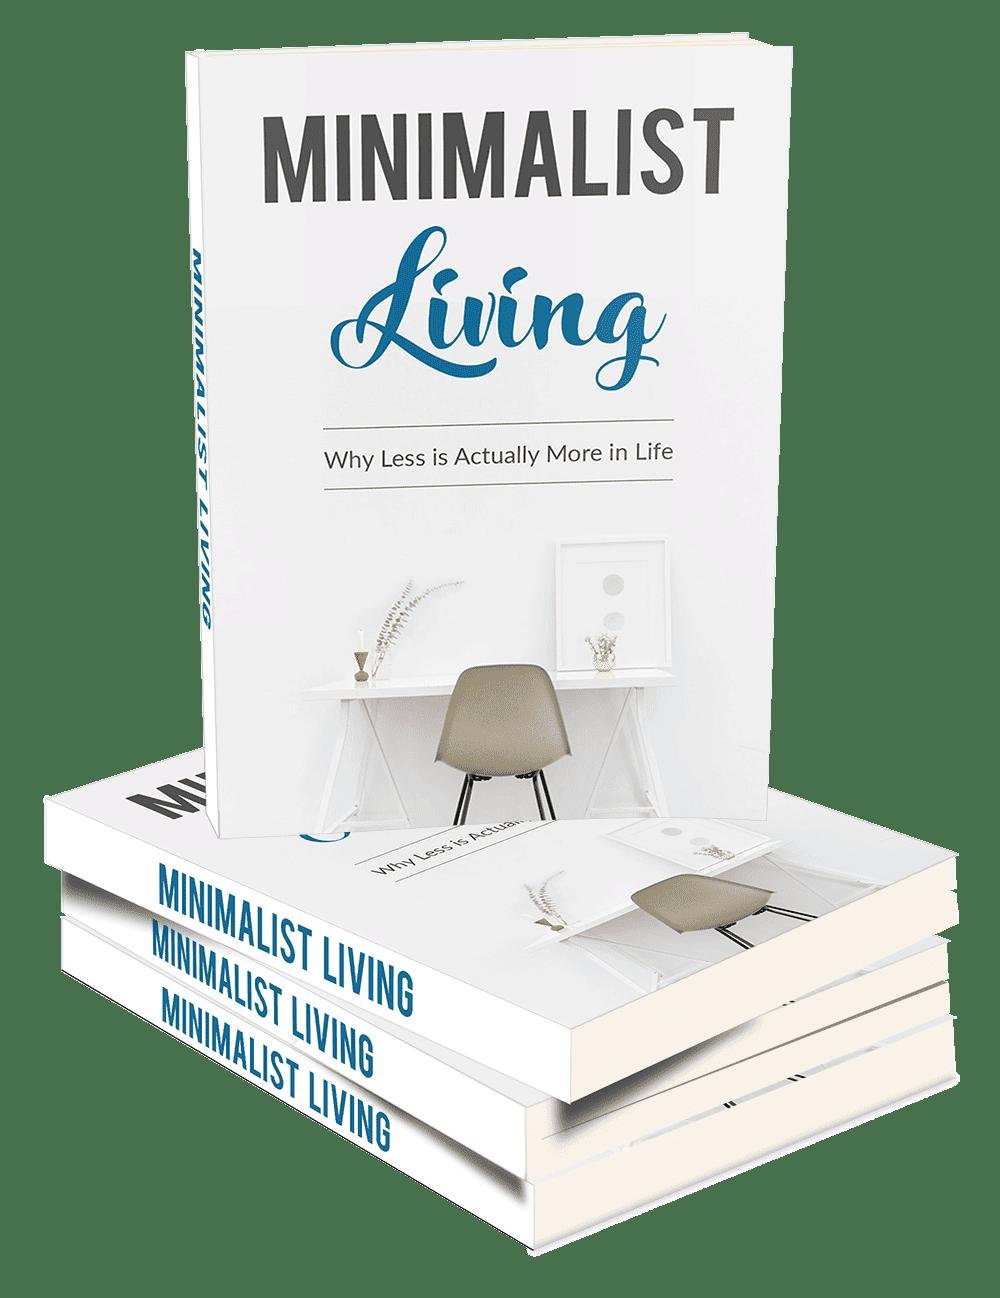 ML_Book-1000